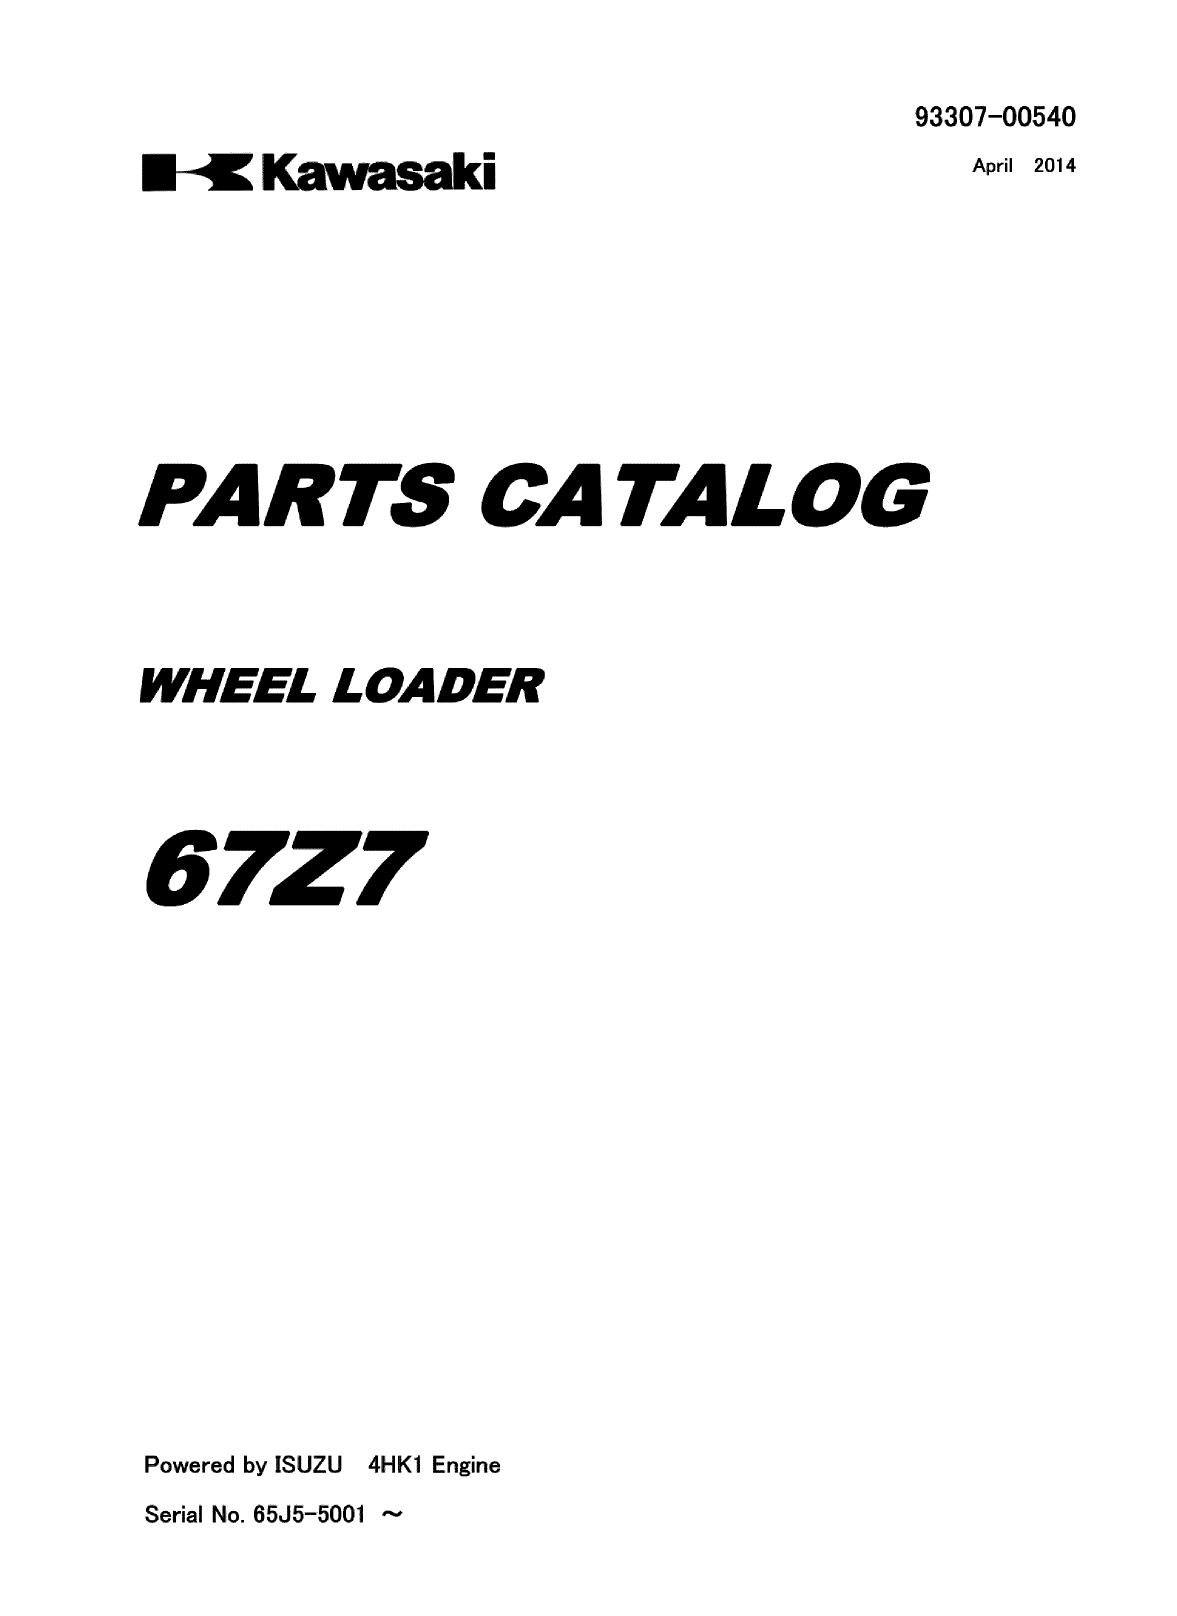 Kawasaki Kcm 67z7 Wheel Loader Parts Catalog